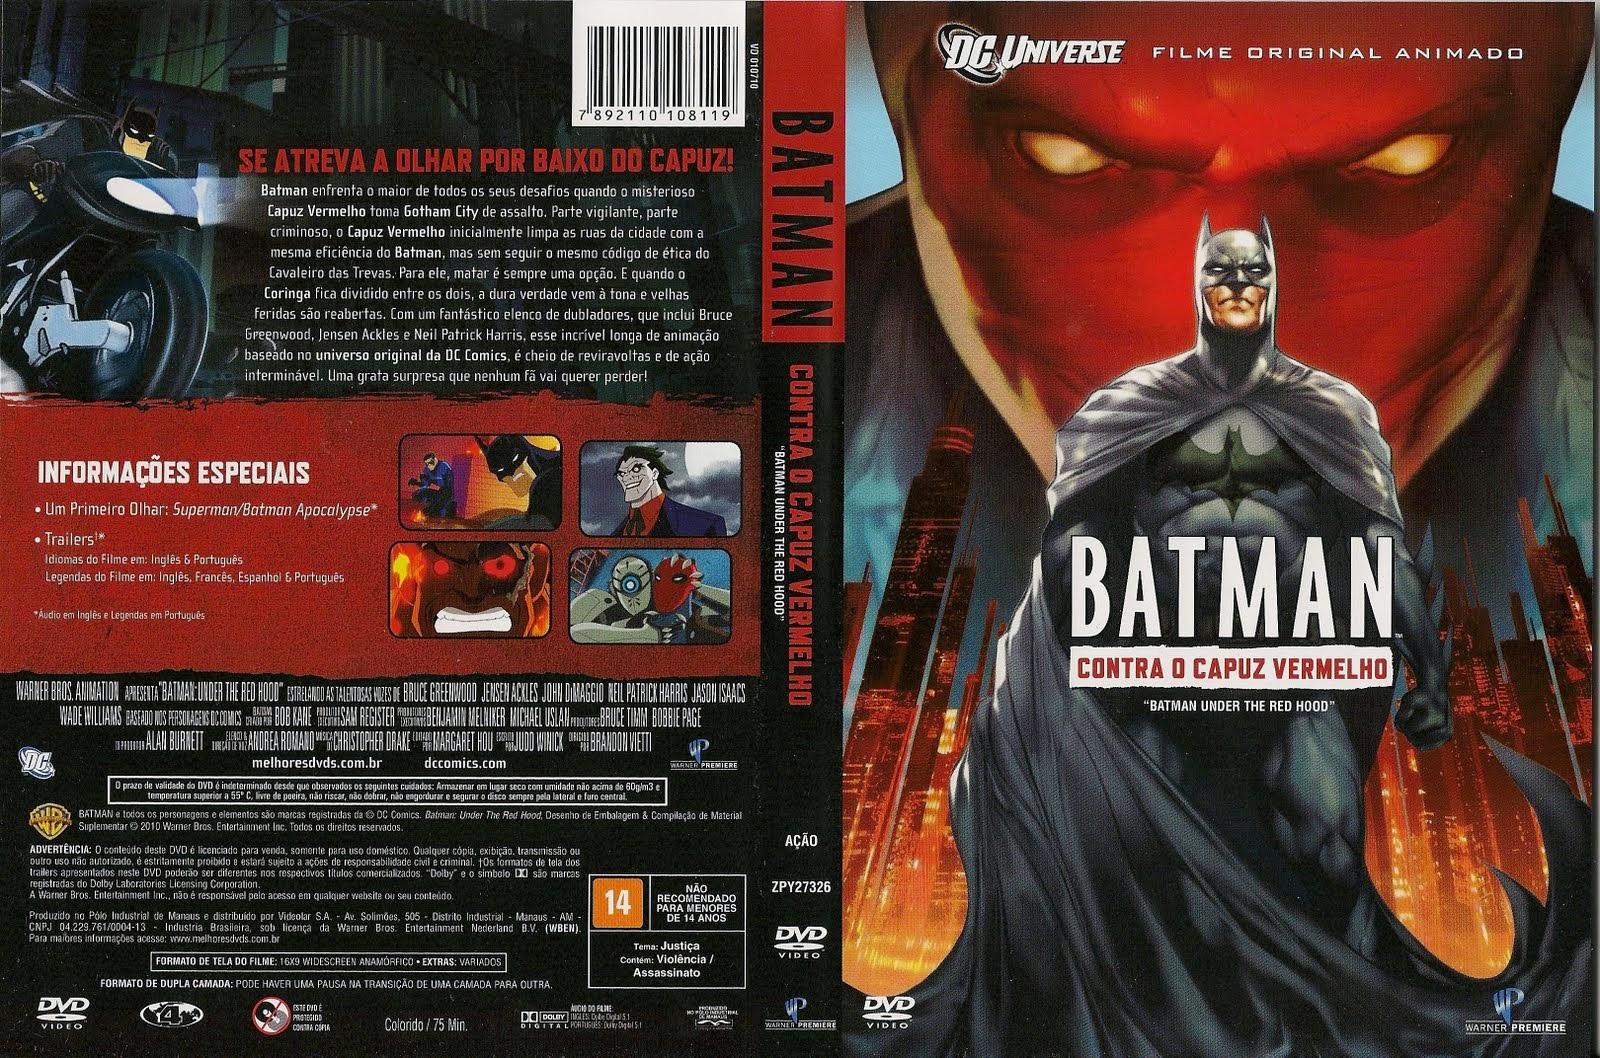 Batman Contra o Capuz Vermelho